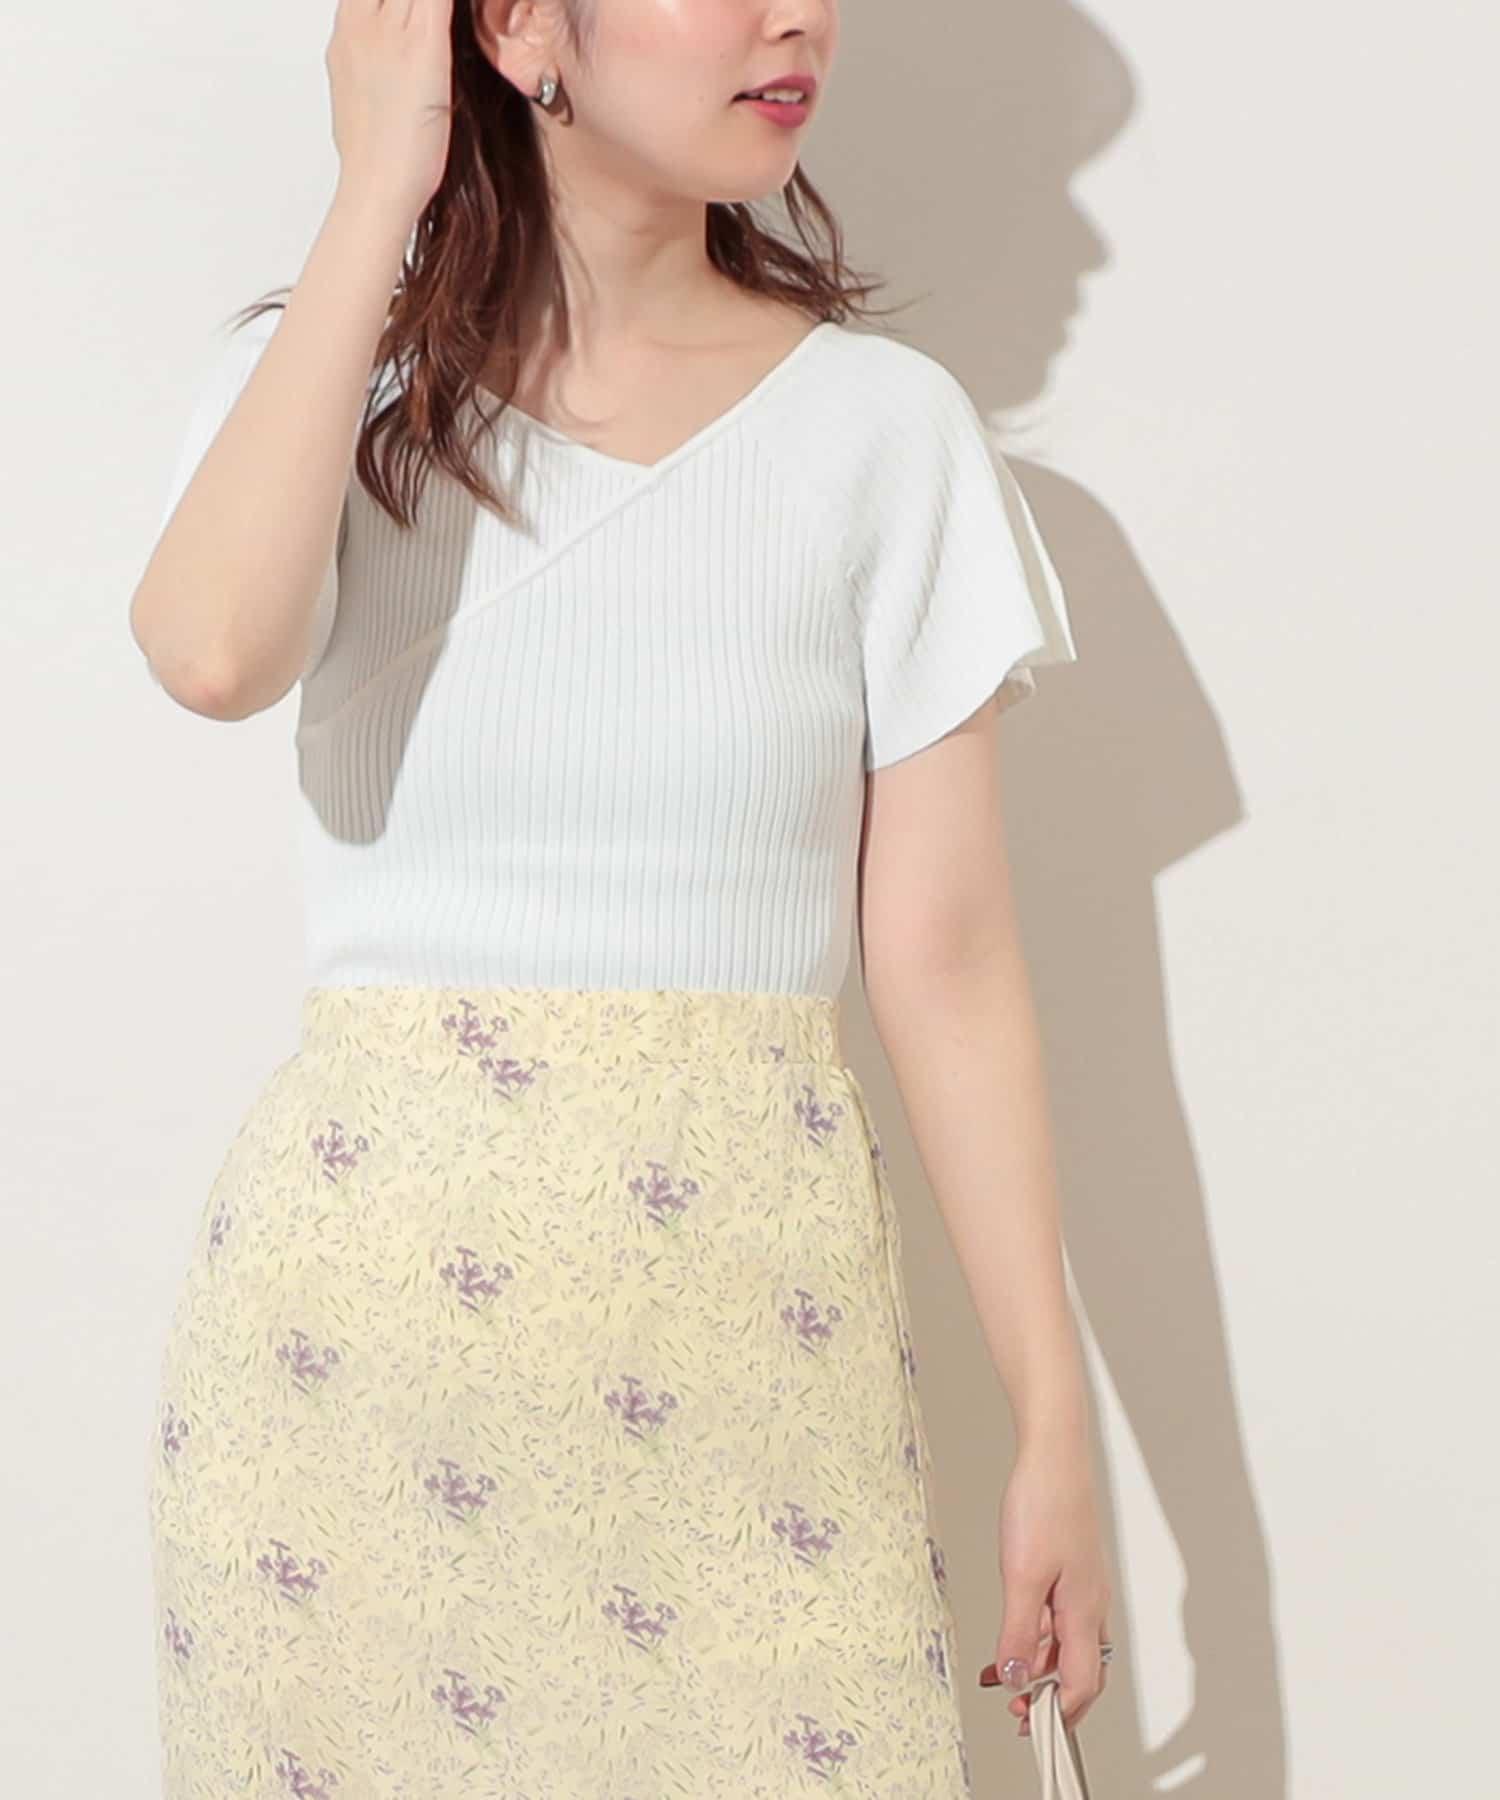 natural couture(ナチュラルクチュール) レディース 【WEB限定】アシメネックフレアスリーブプルオーバー オフホワイト